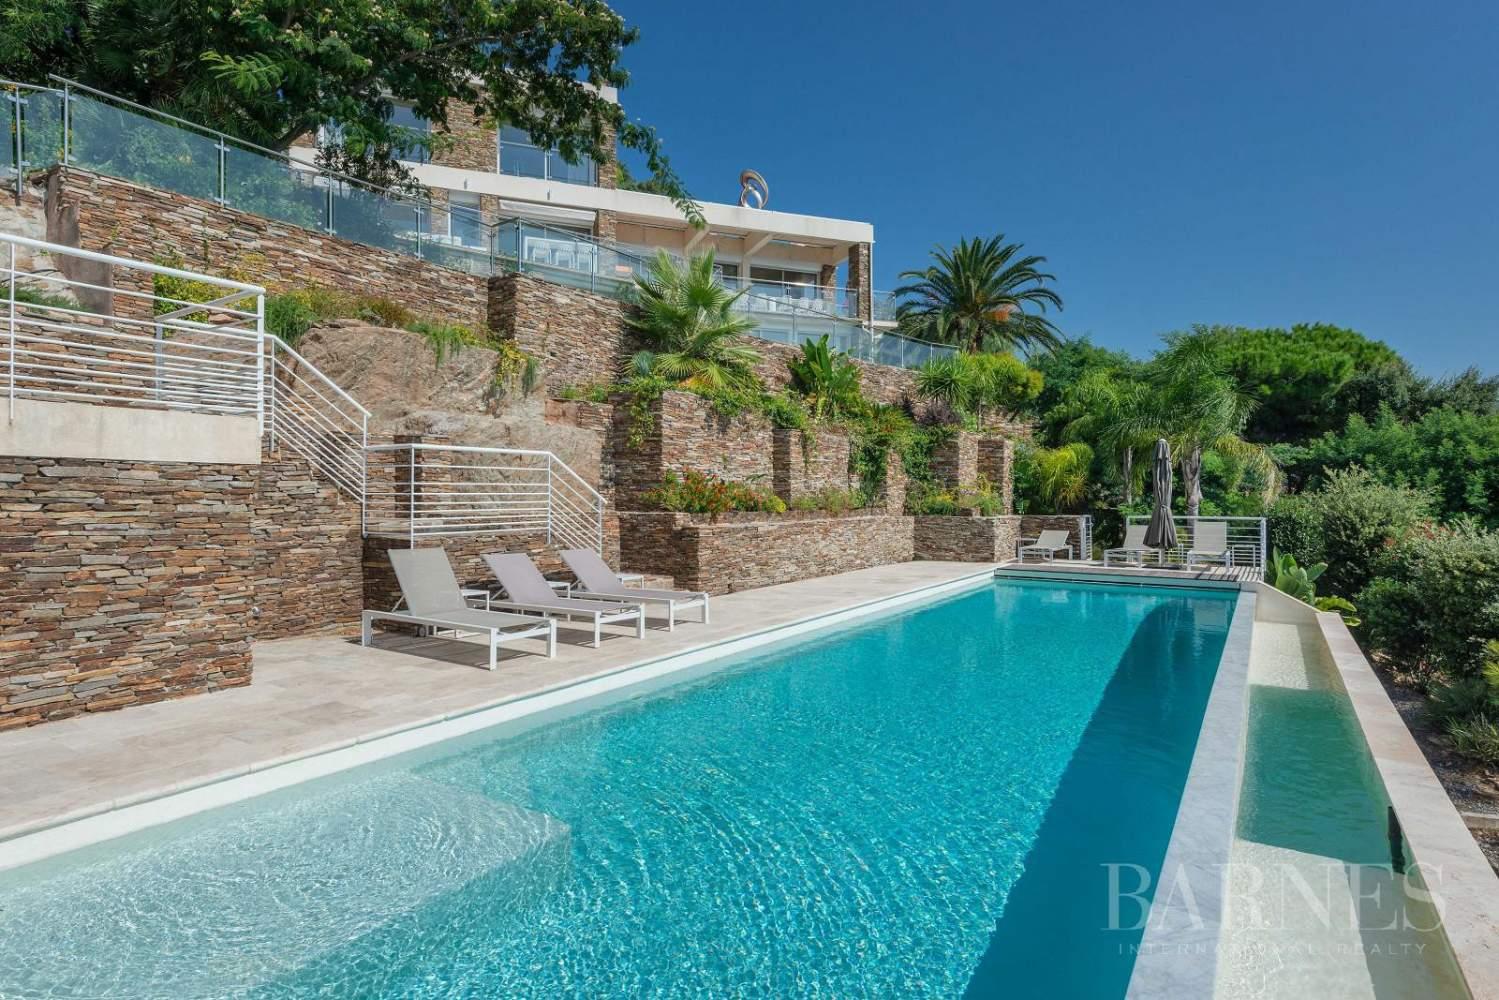 A vendre Le Lavandou villa 6 chambres vue mer panoramique - piscine picture 2